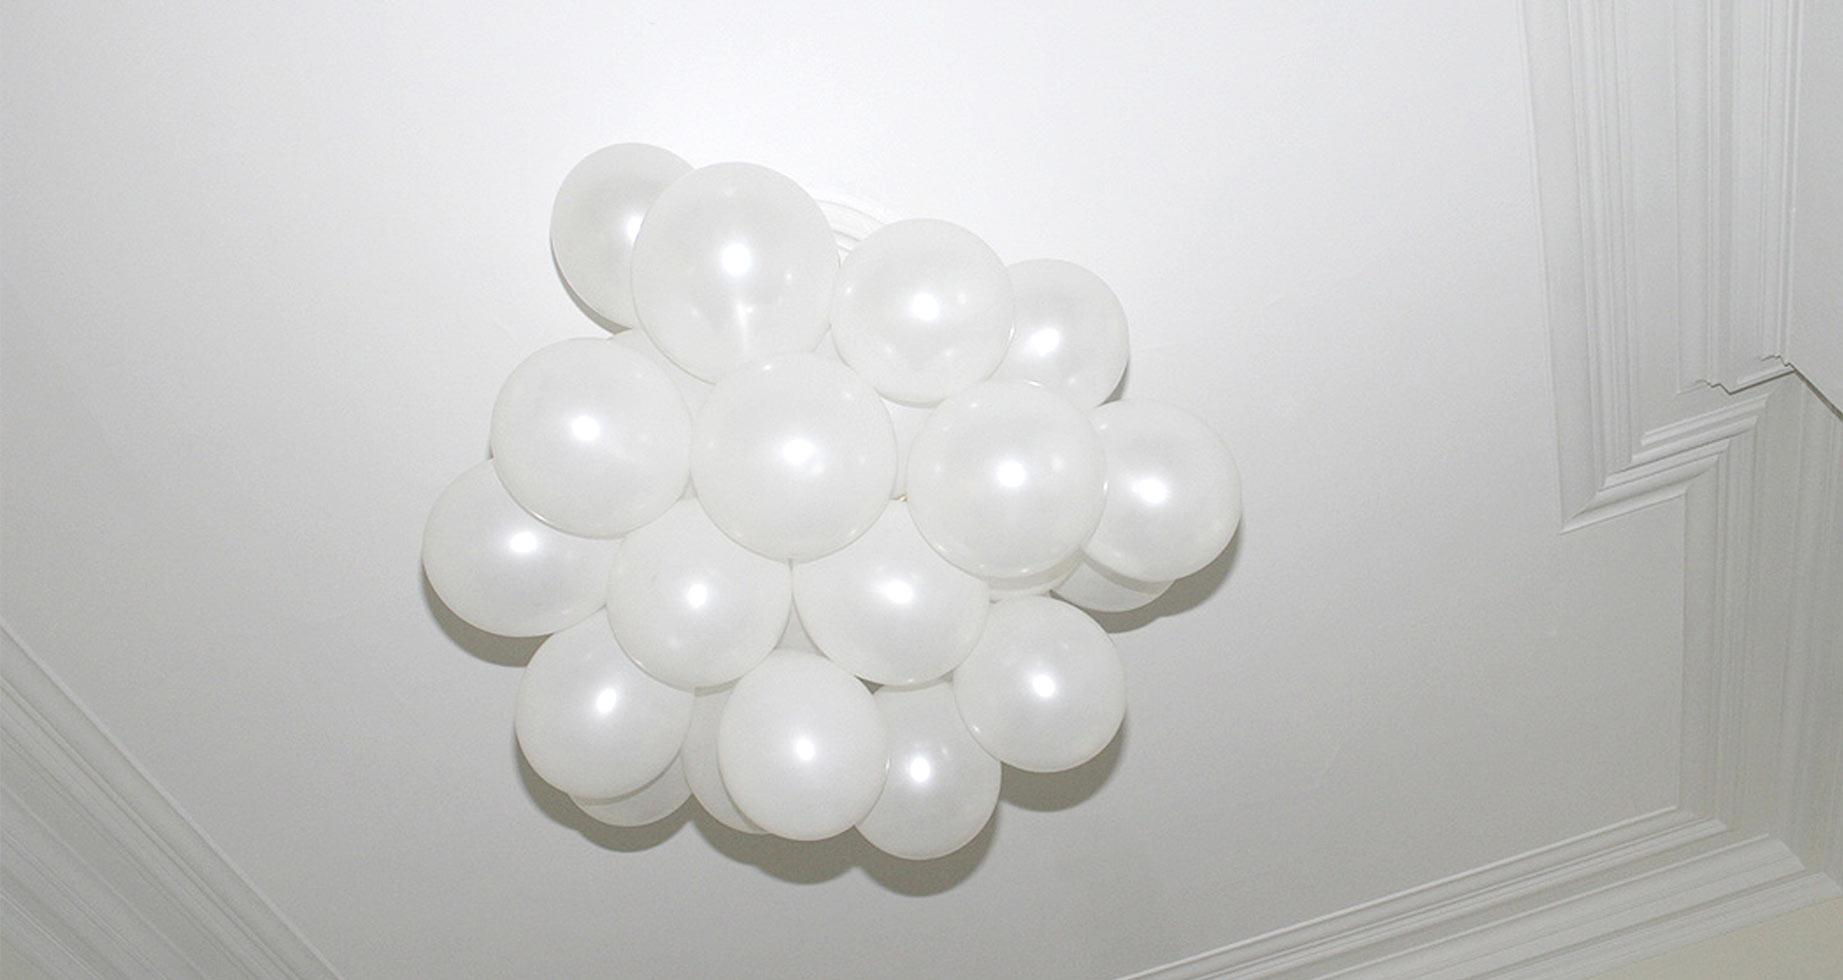 Weiße Ballons schweben an Stuckdecke